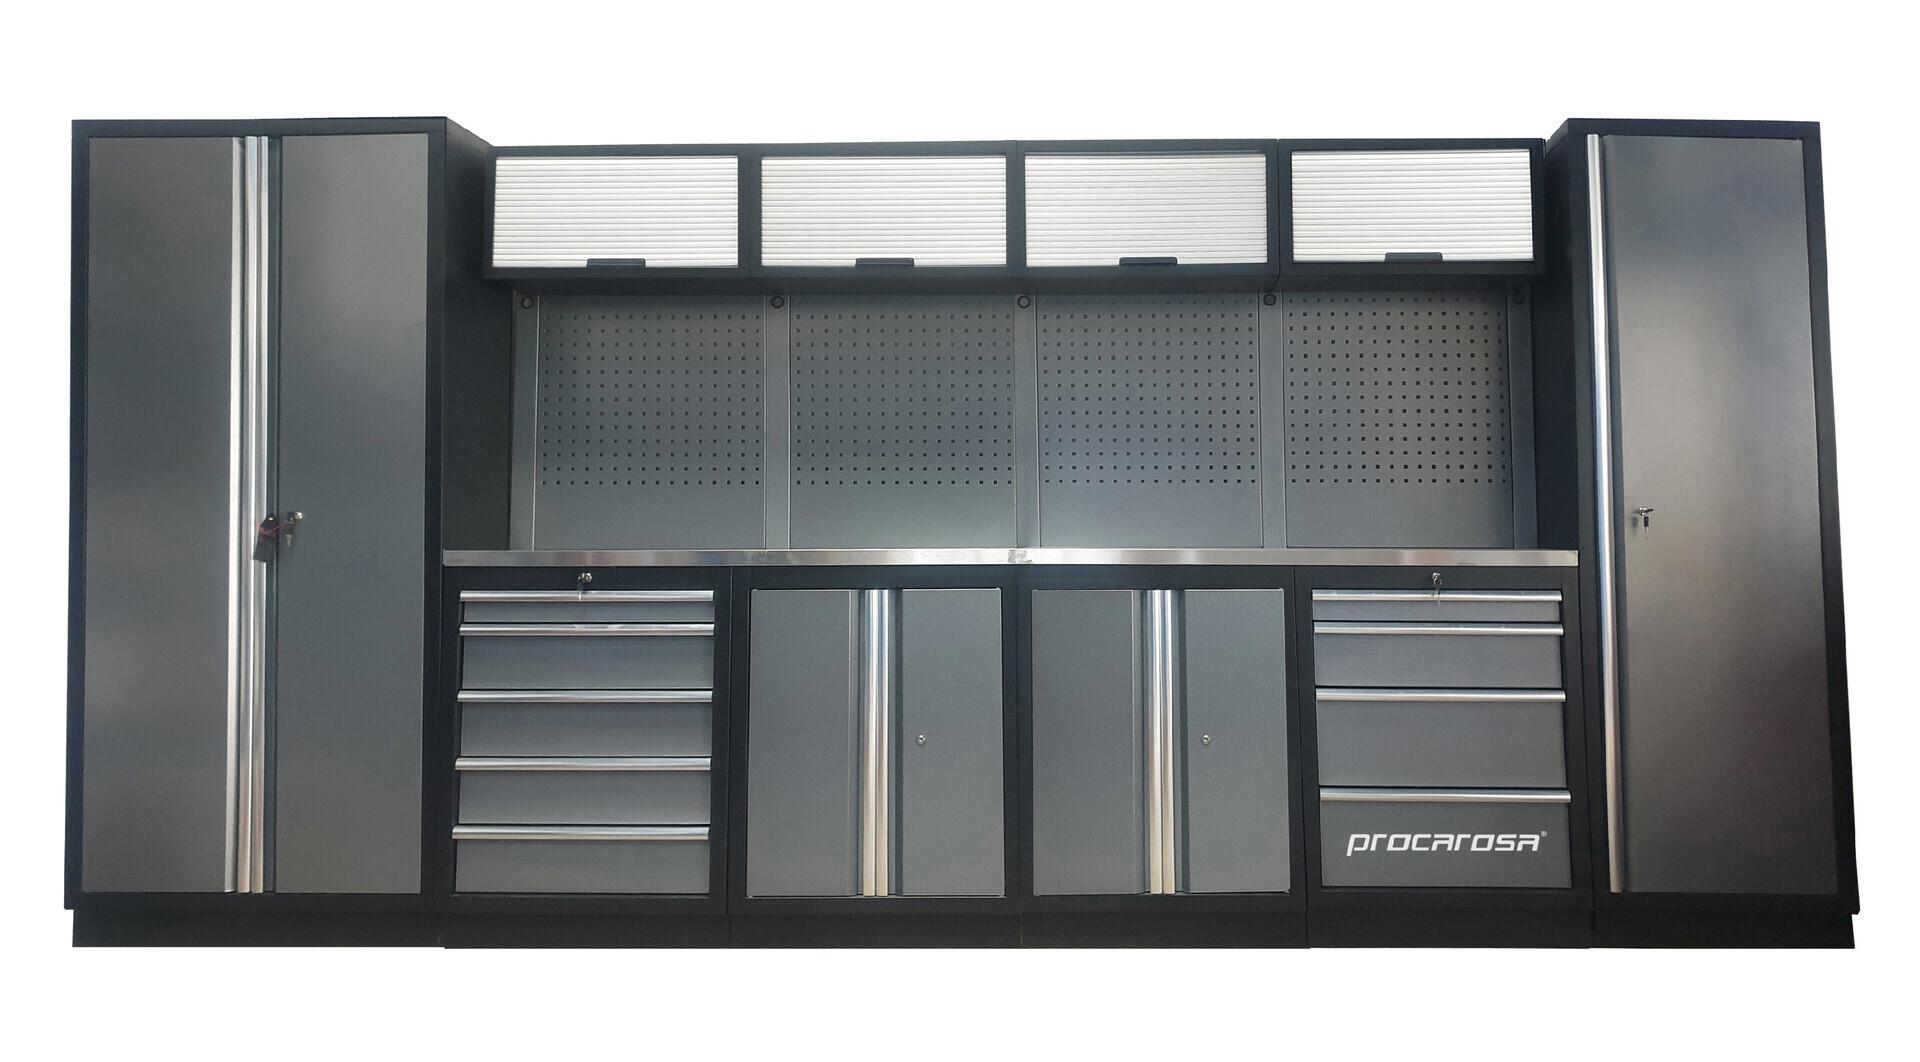 Sestava dílenského nábytku Procarosa PROFESSIONAL XL-1 Pracovní deska: nerezová, Hmotnost: